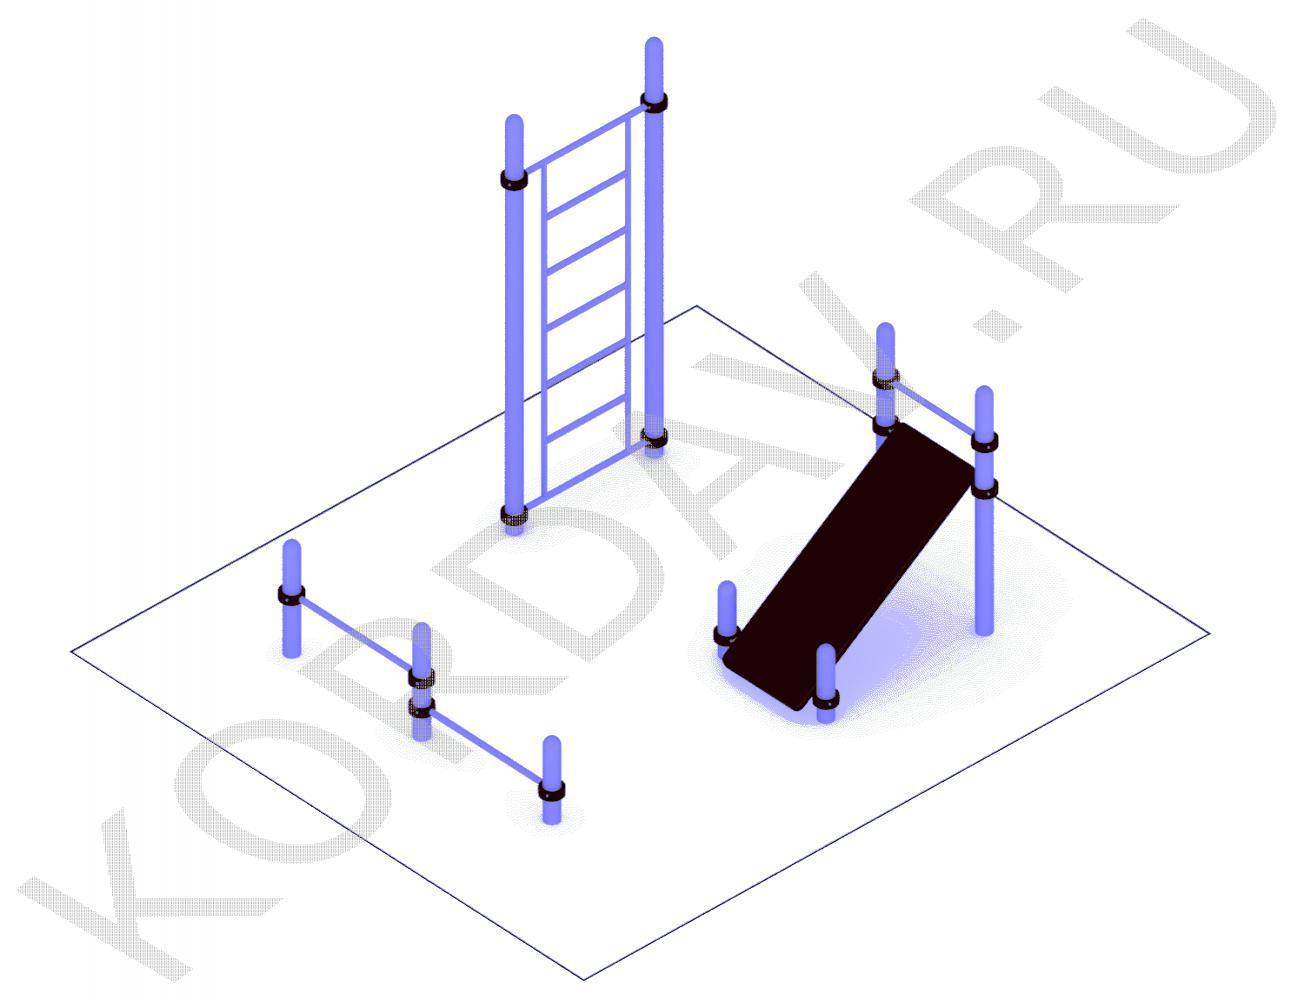 Шведская стенка упор для отжимания наклонная доска (89 труба) СТ 1.491